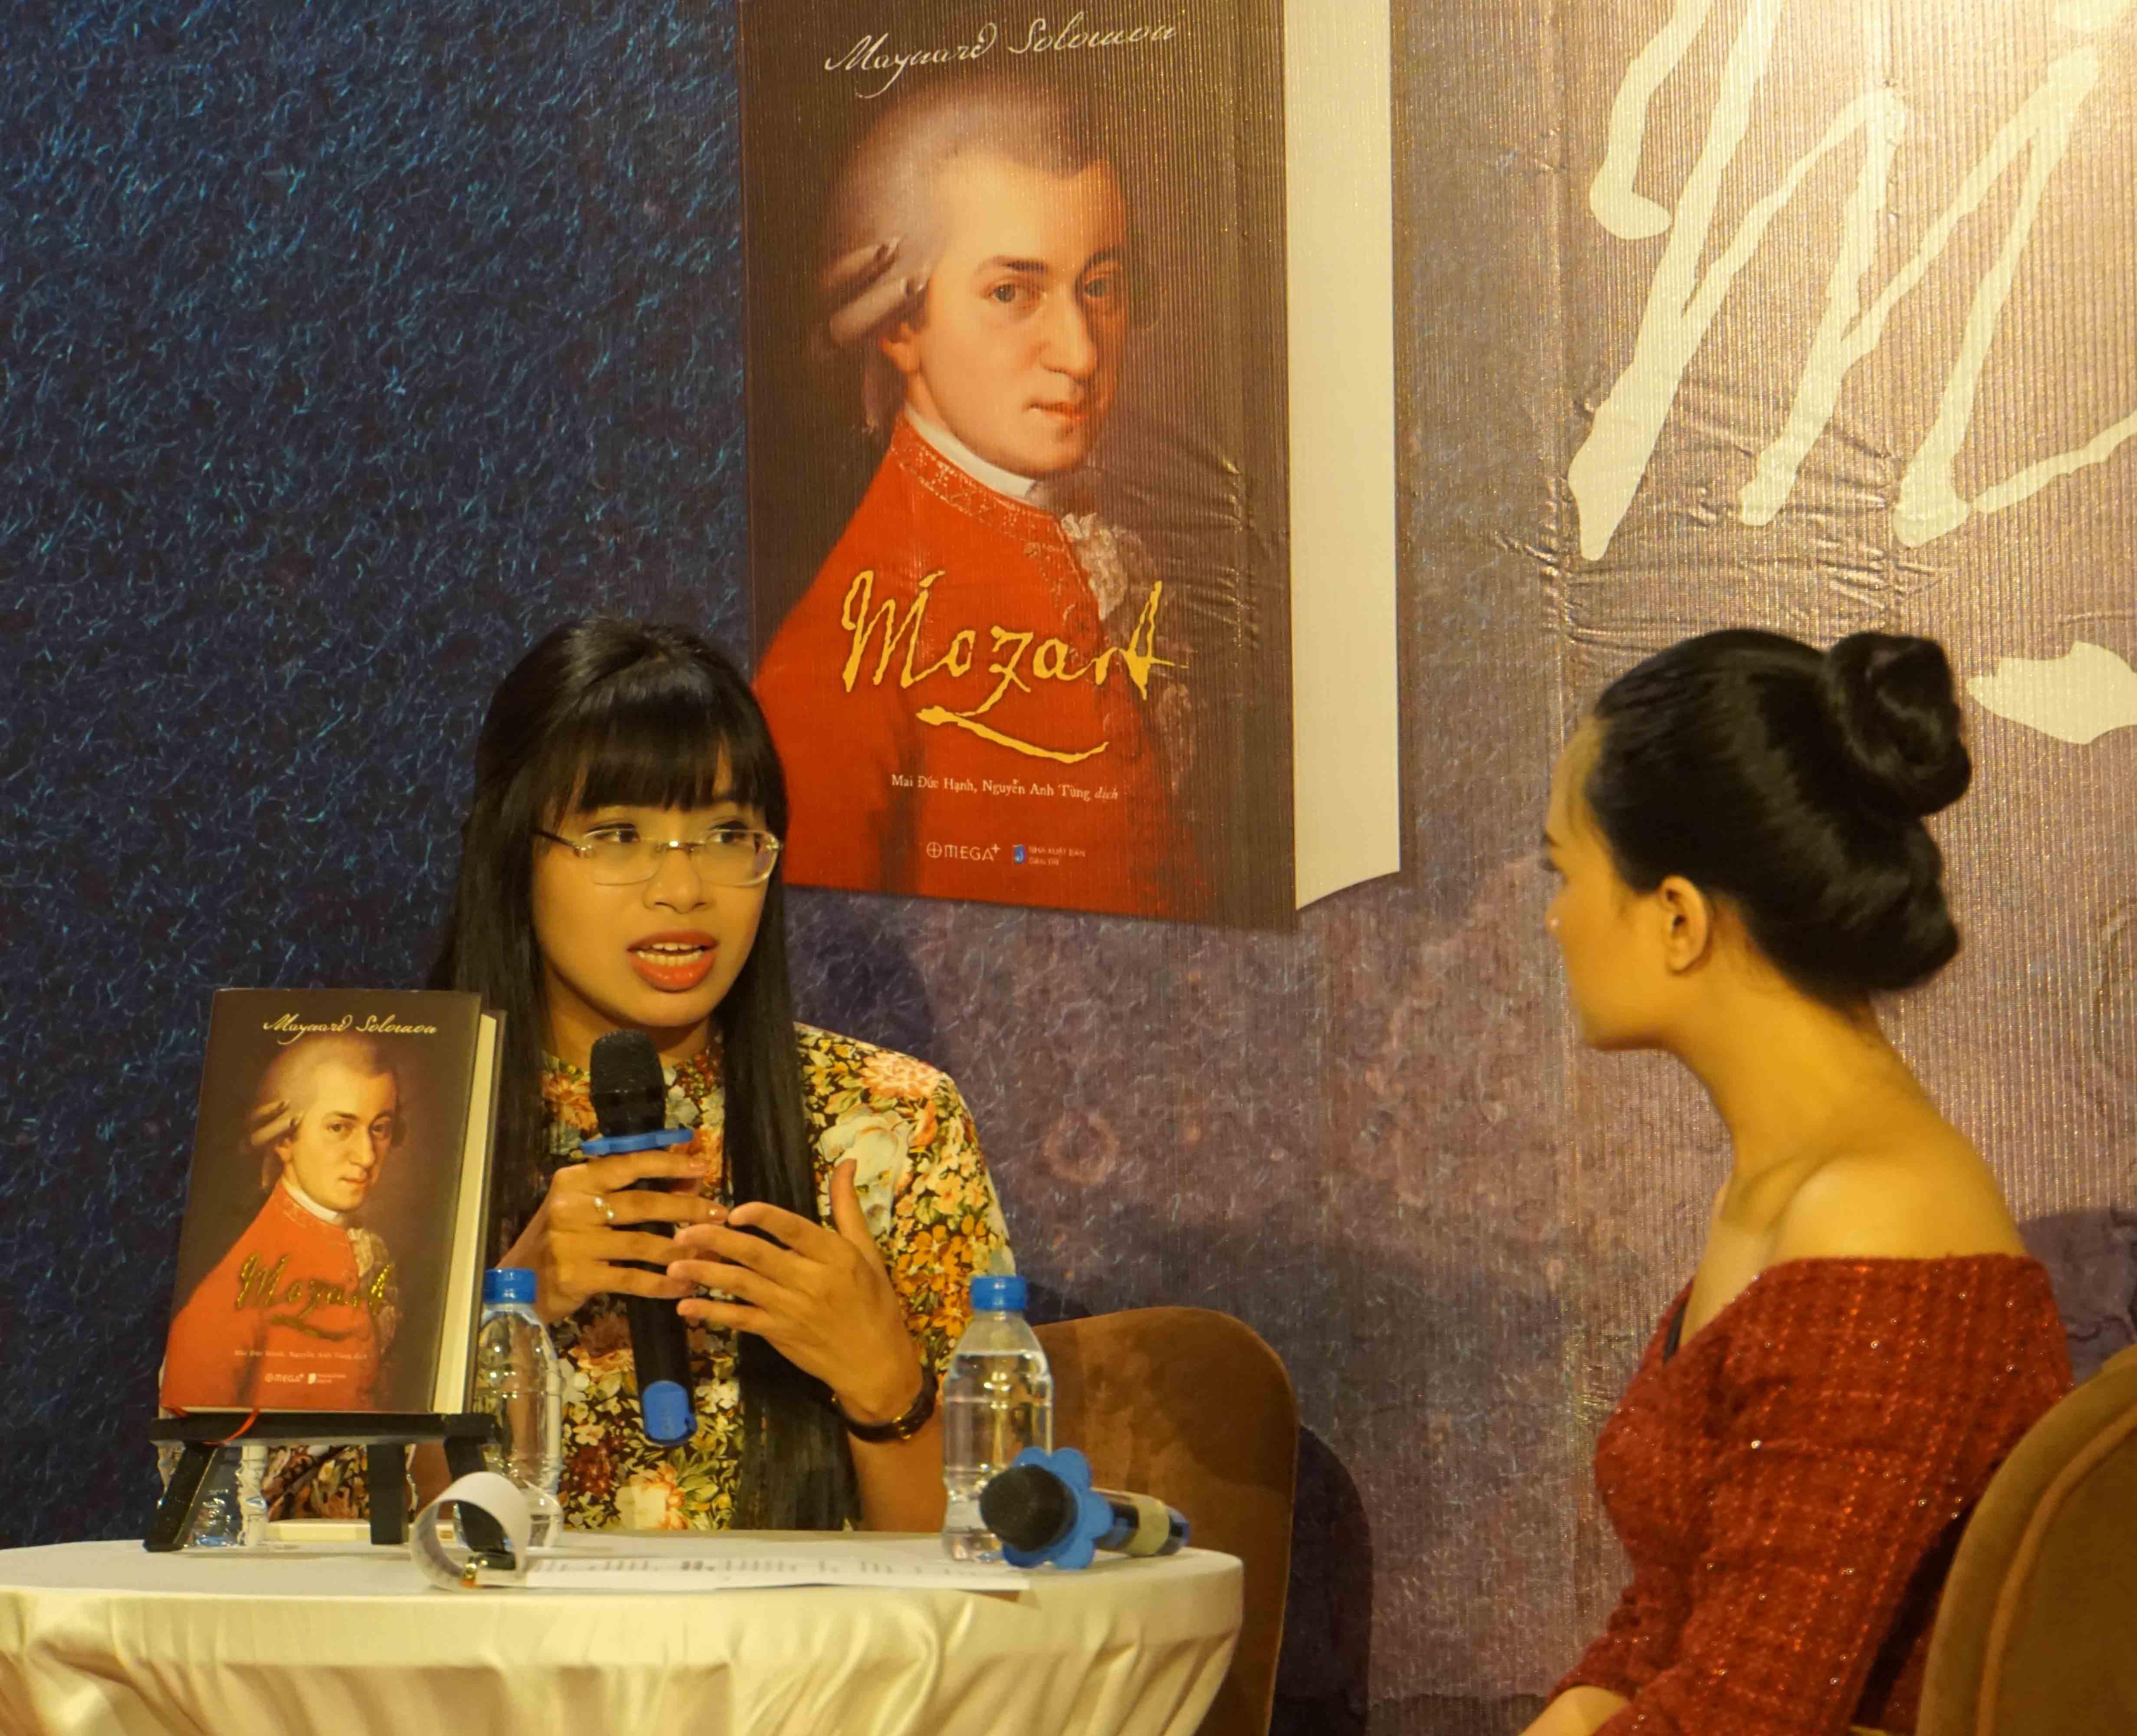 Mai Đức Hạnh đại diện cho nhóm dịch giả giao lưu ra mắt cuốn sách